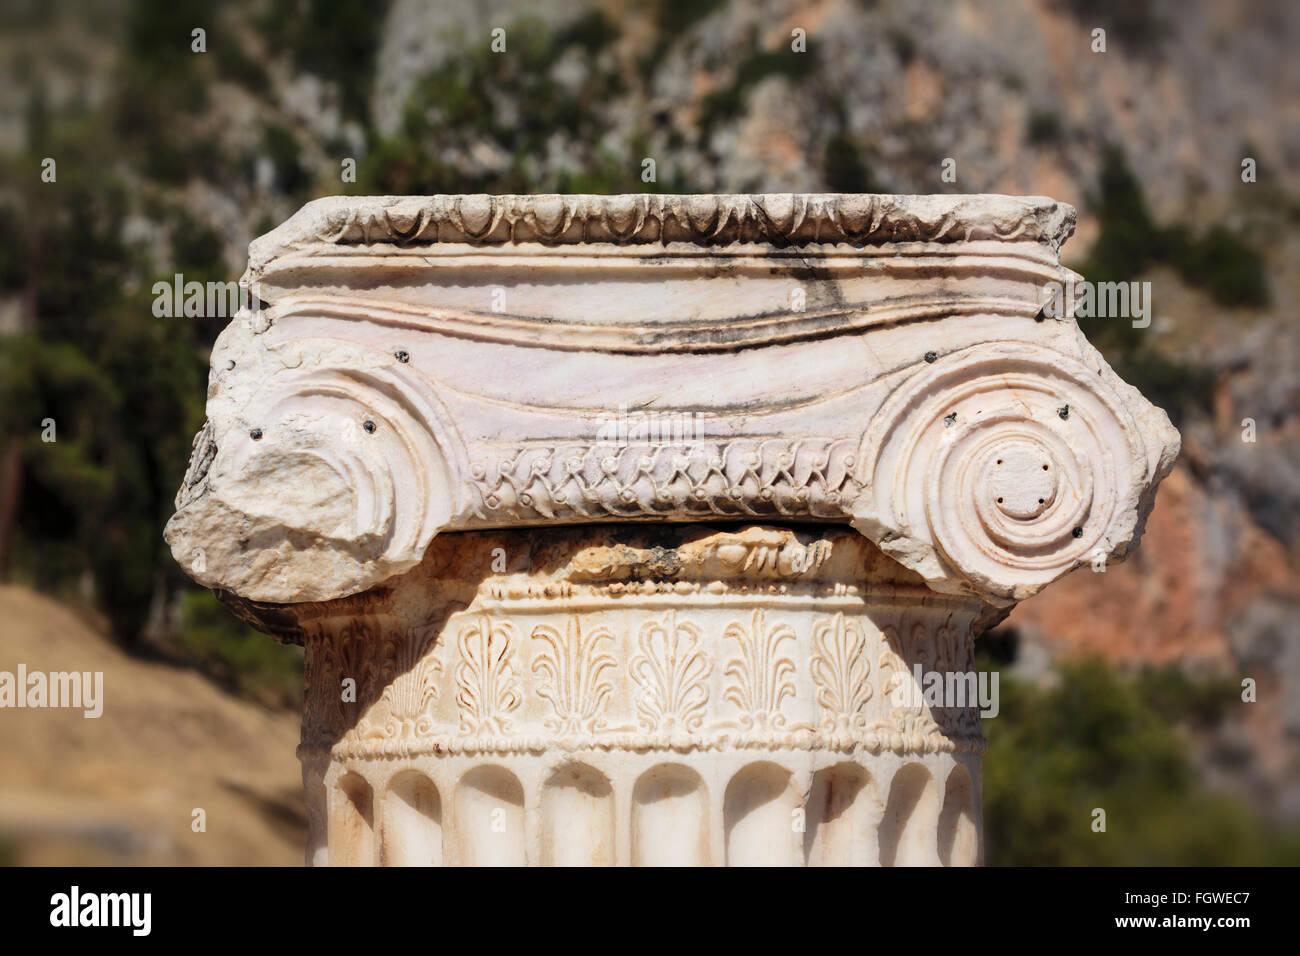 La antigua Delfos, Phocis, Grecia. Columna rotos en el camino sagrado coronadas por capiteles corintios Foto de stock